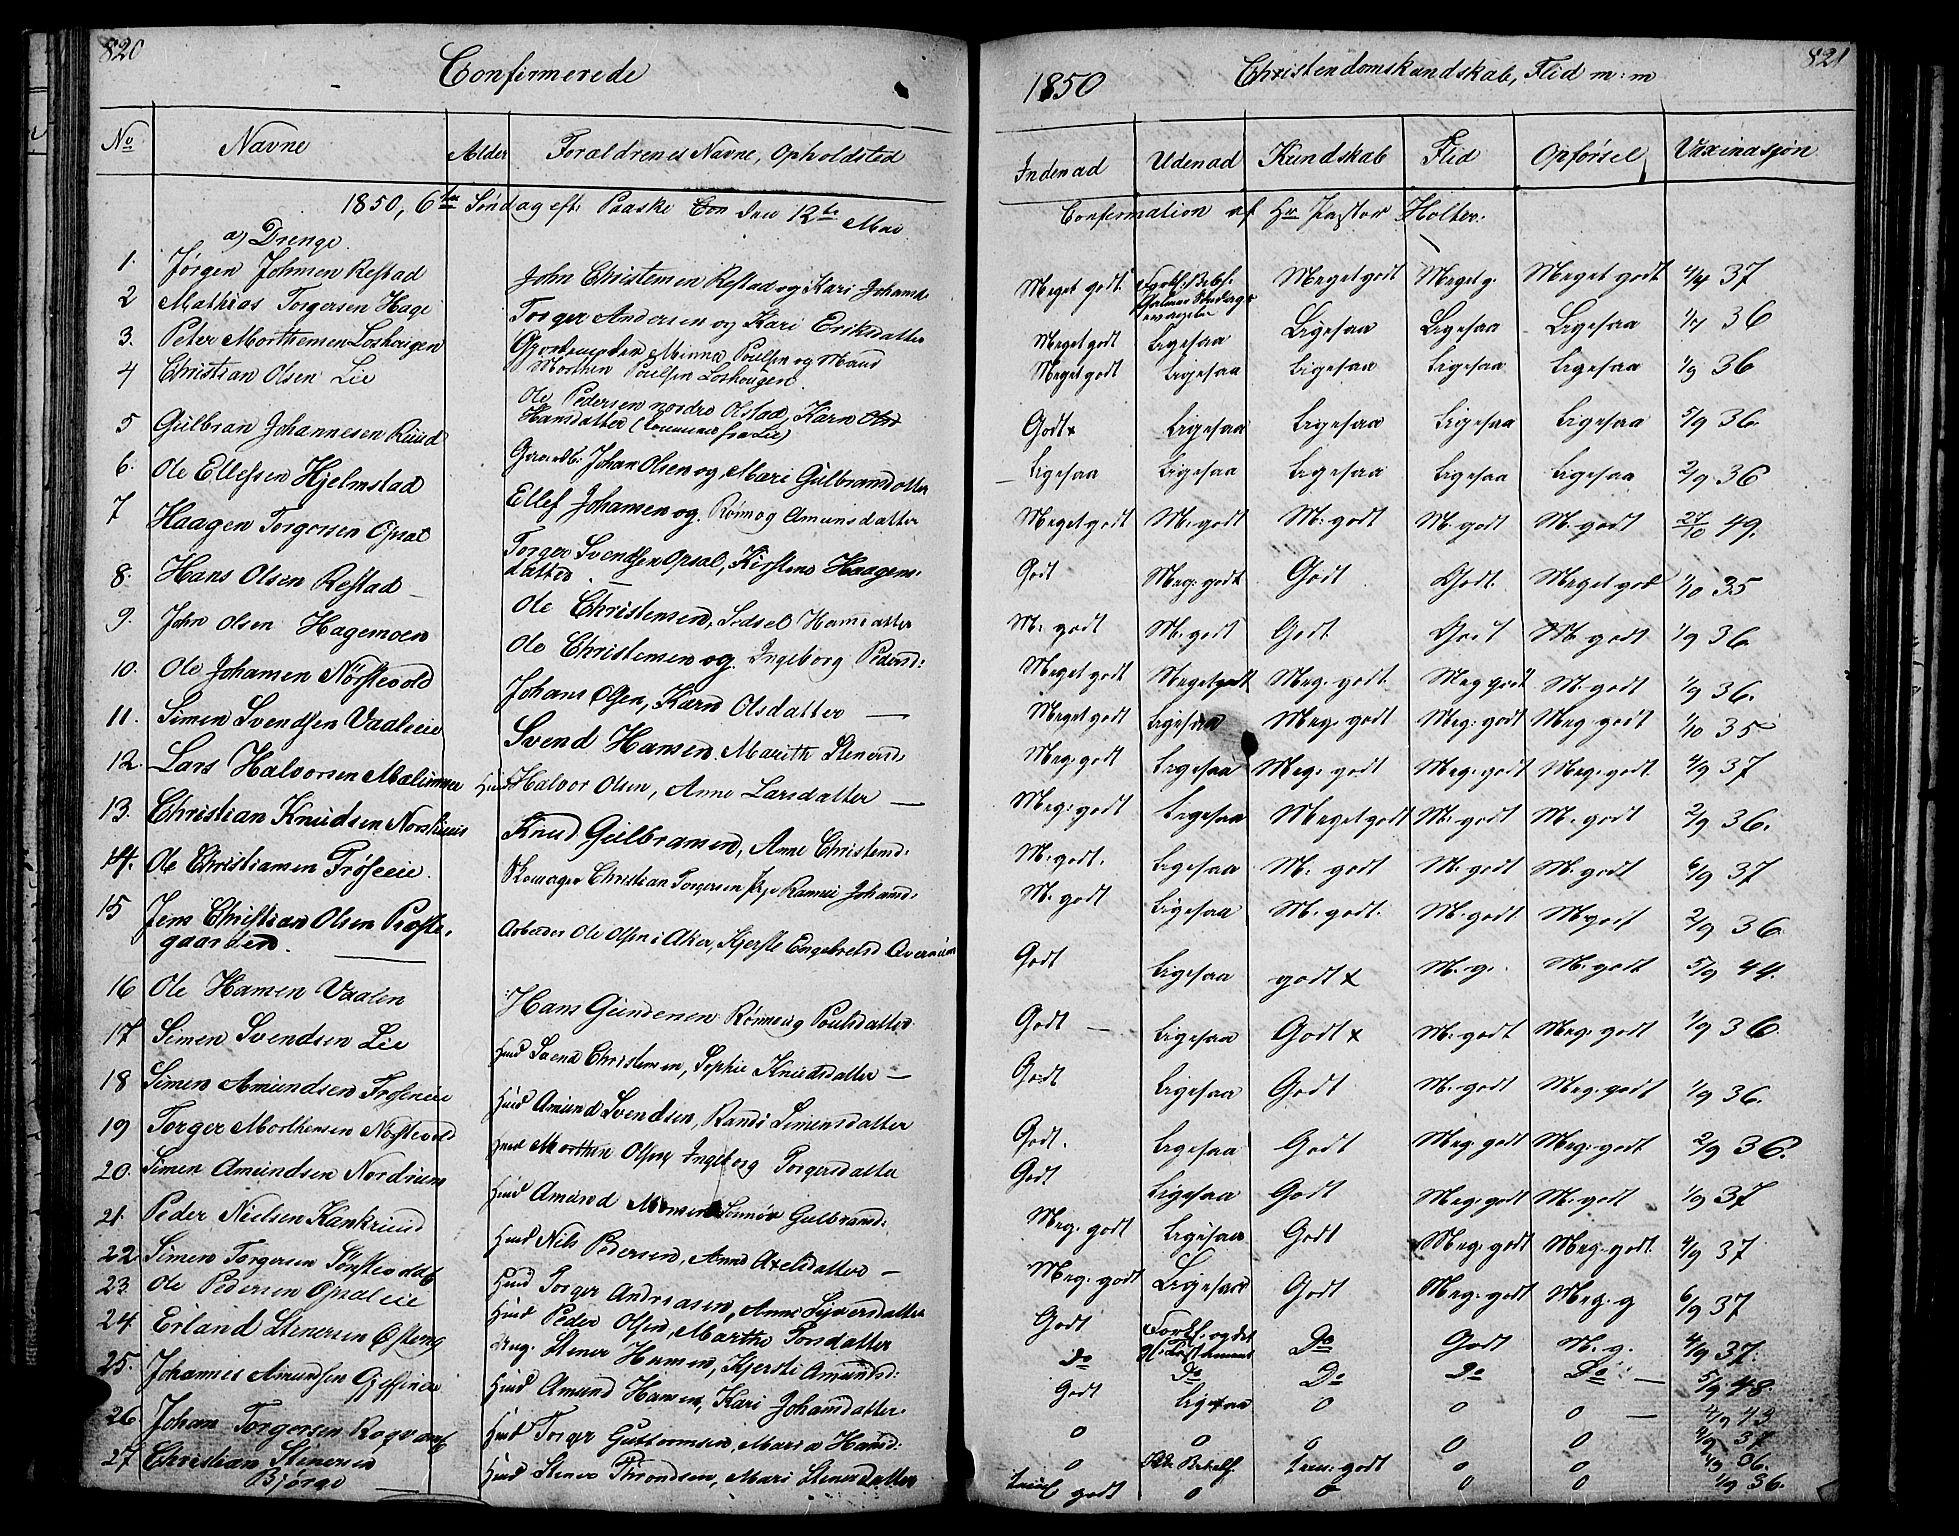 SAH, Gausdal prestekontor, Klokkerbok nr. 4, 1835-1870, s. 820-821